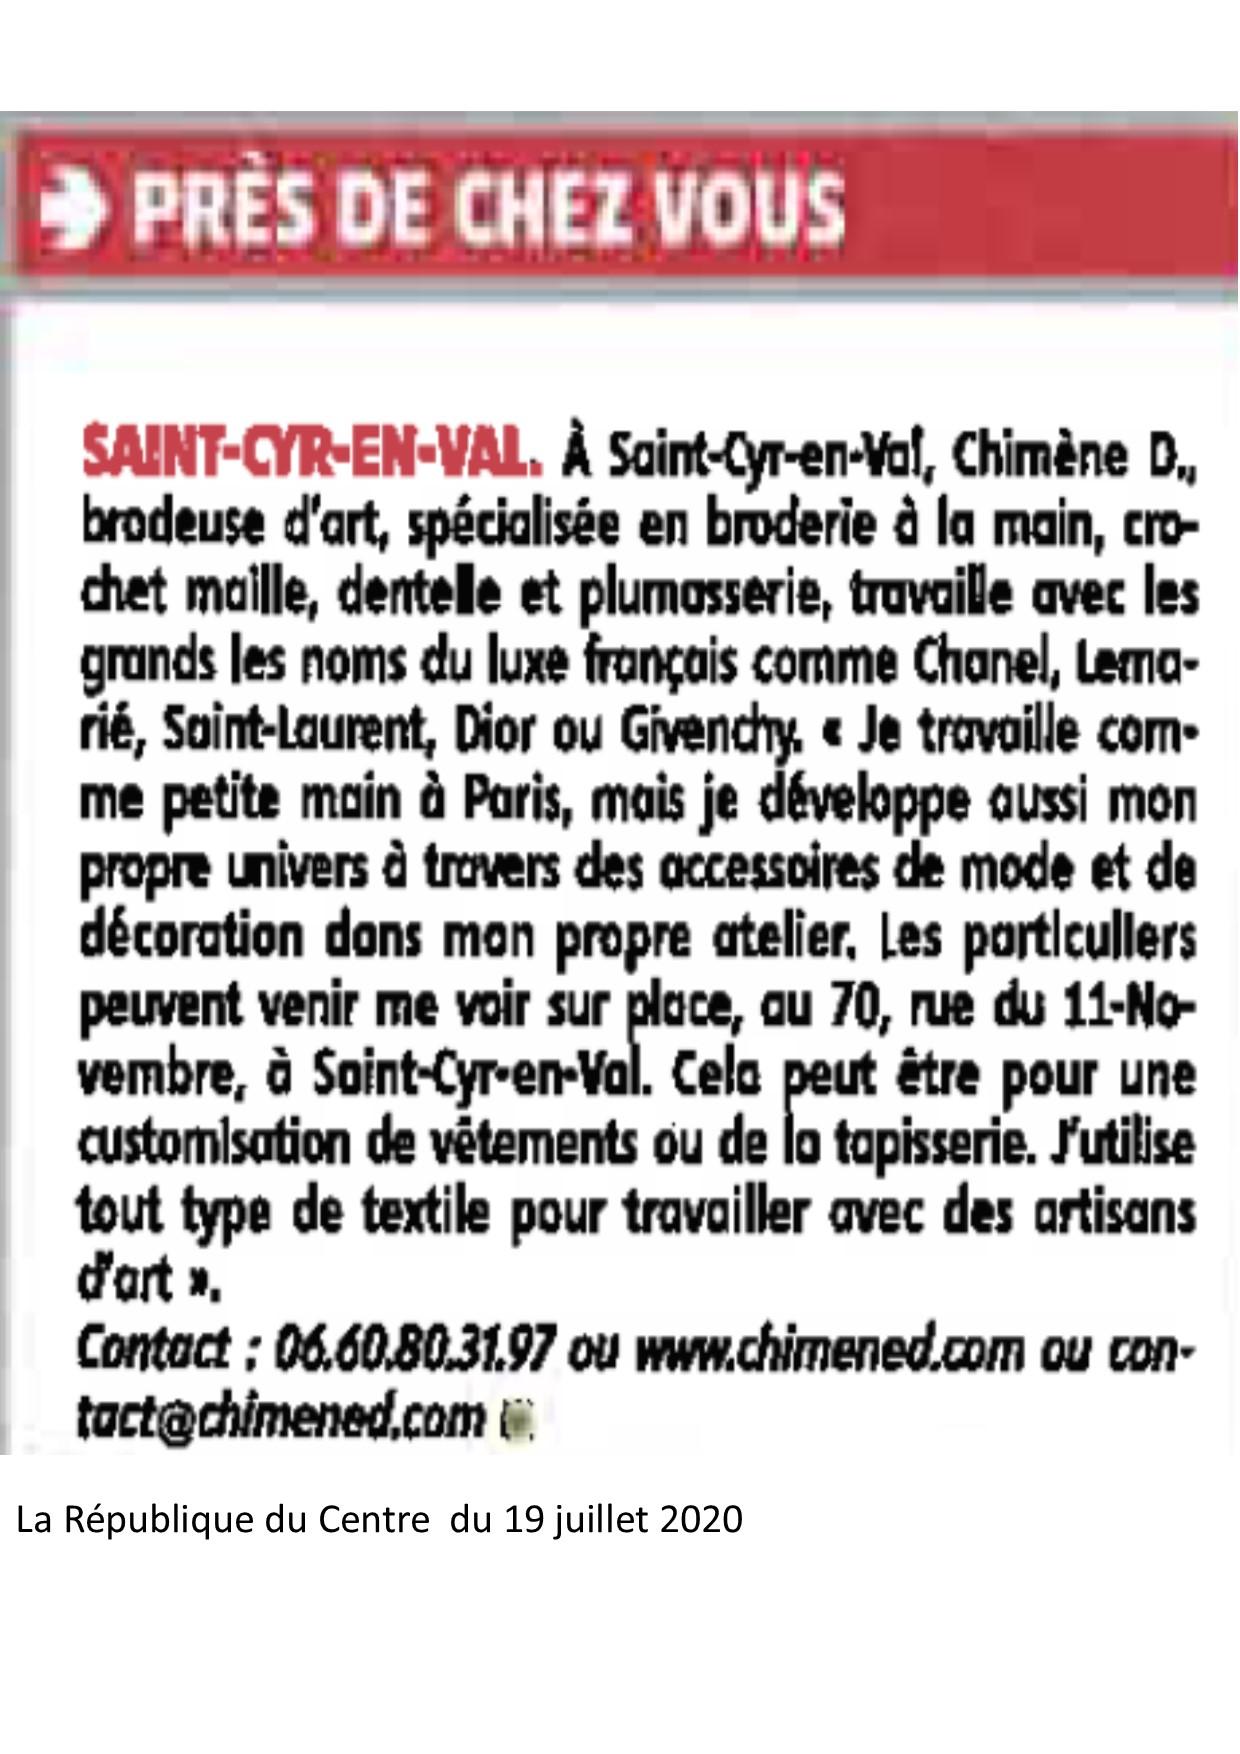 Chimène D broderie à orléans loiret presse